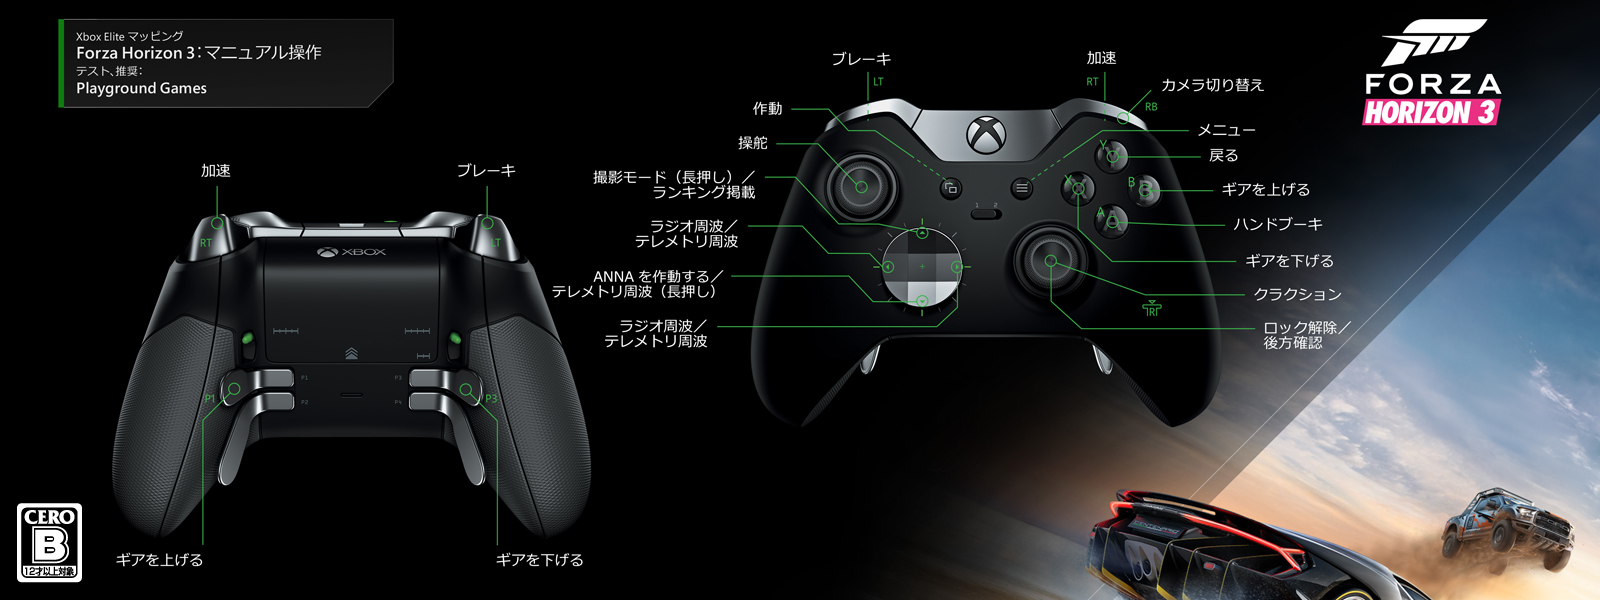 Forza Horizon 3 - マニュアル トランスミッション Elite マッピング